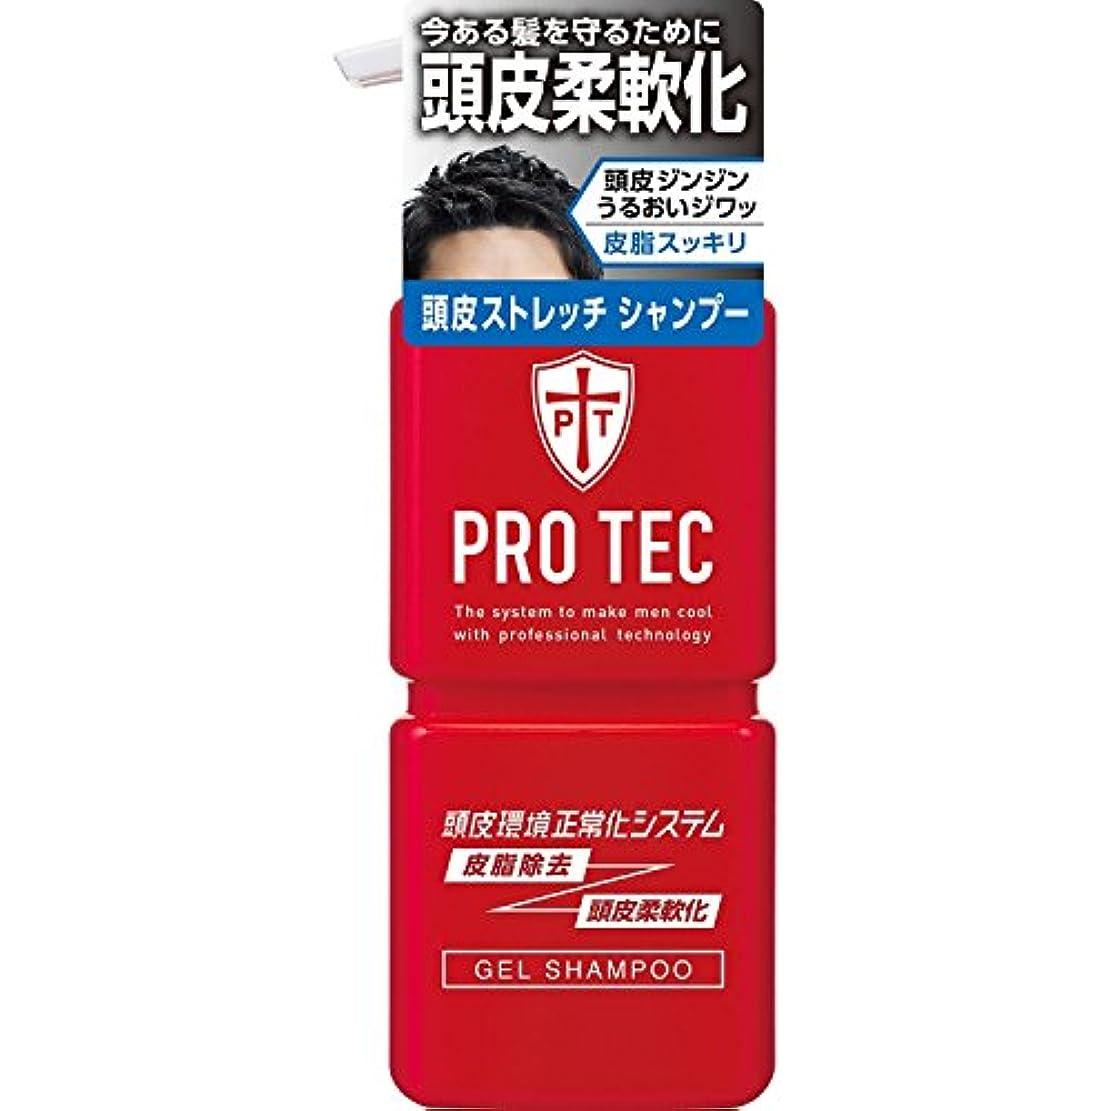 大学生適応するシャックルPRO TEC(プロテク) 頭皮ストレッチ シャンプー 本体ポンプ 300g(医薬部外品)